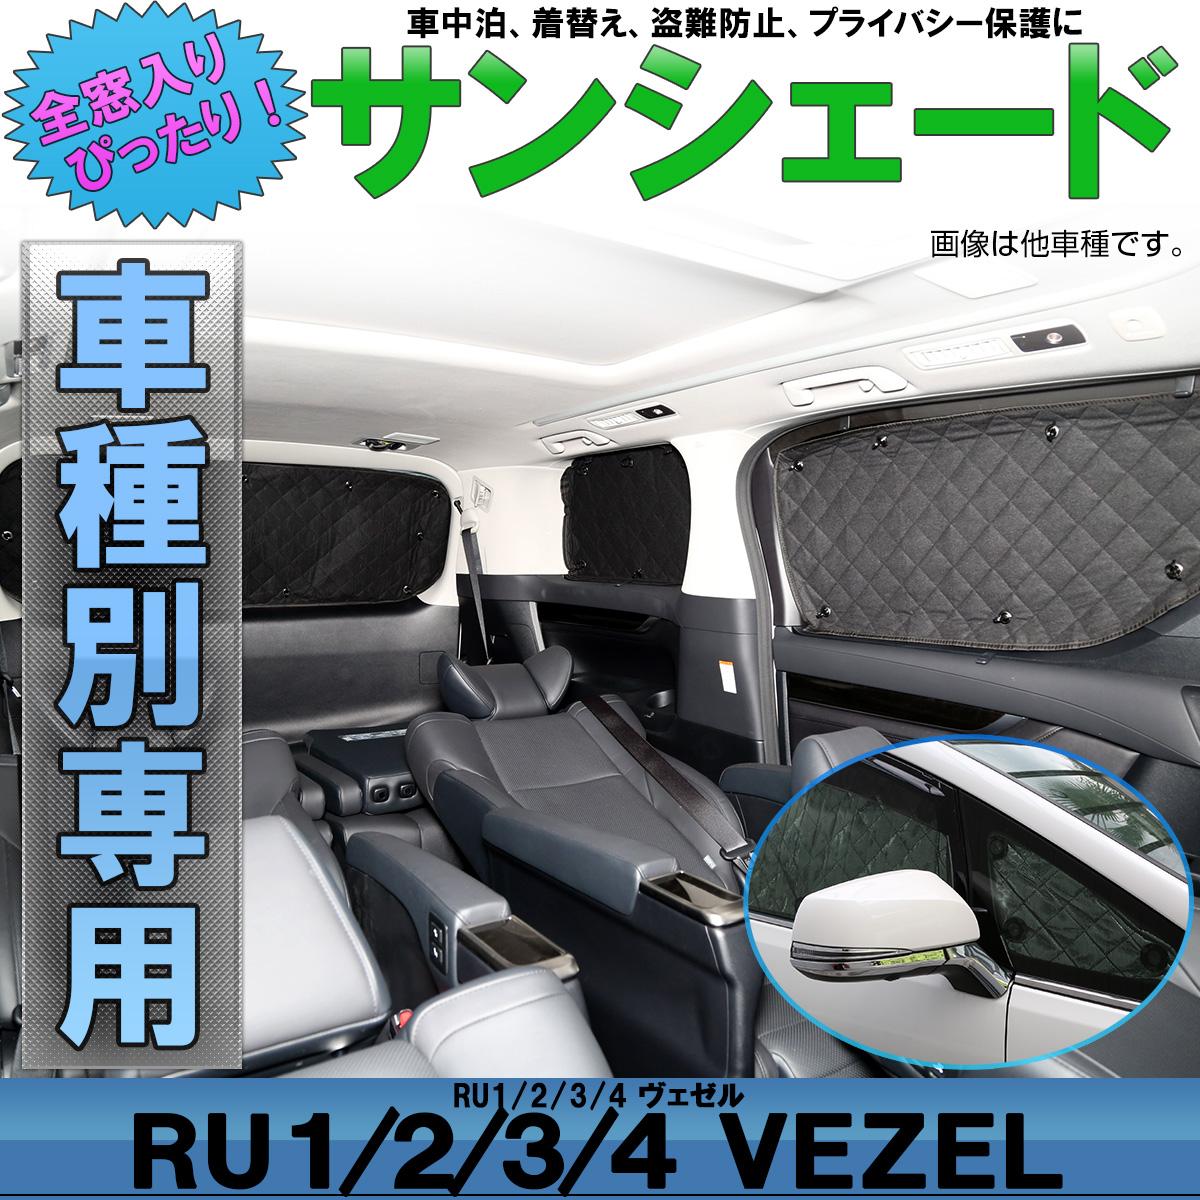 ホンダ RU1-4 ヴェゼル 専用 サンシェード 全窓セット 5層 ブラックメッシュ 車中泊 アウトドア S-811